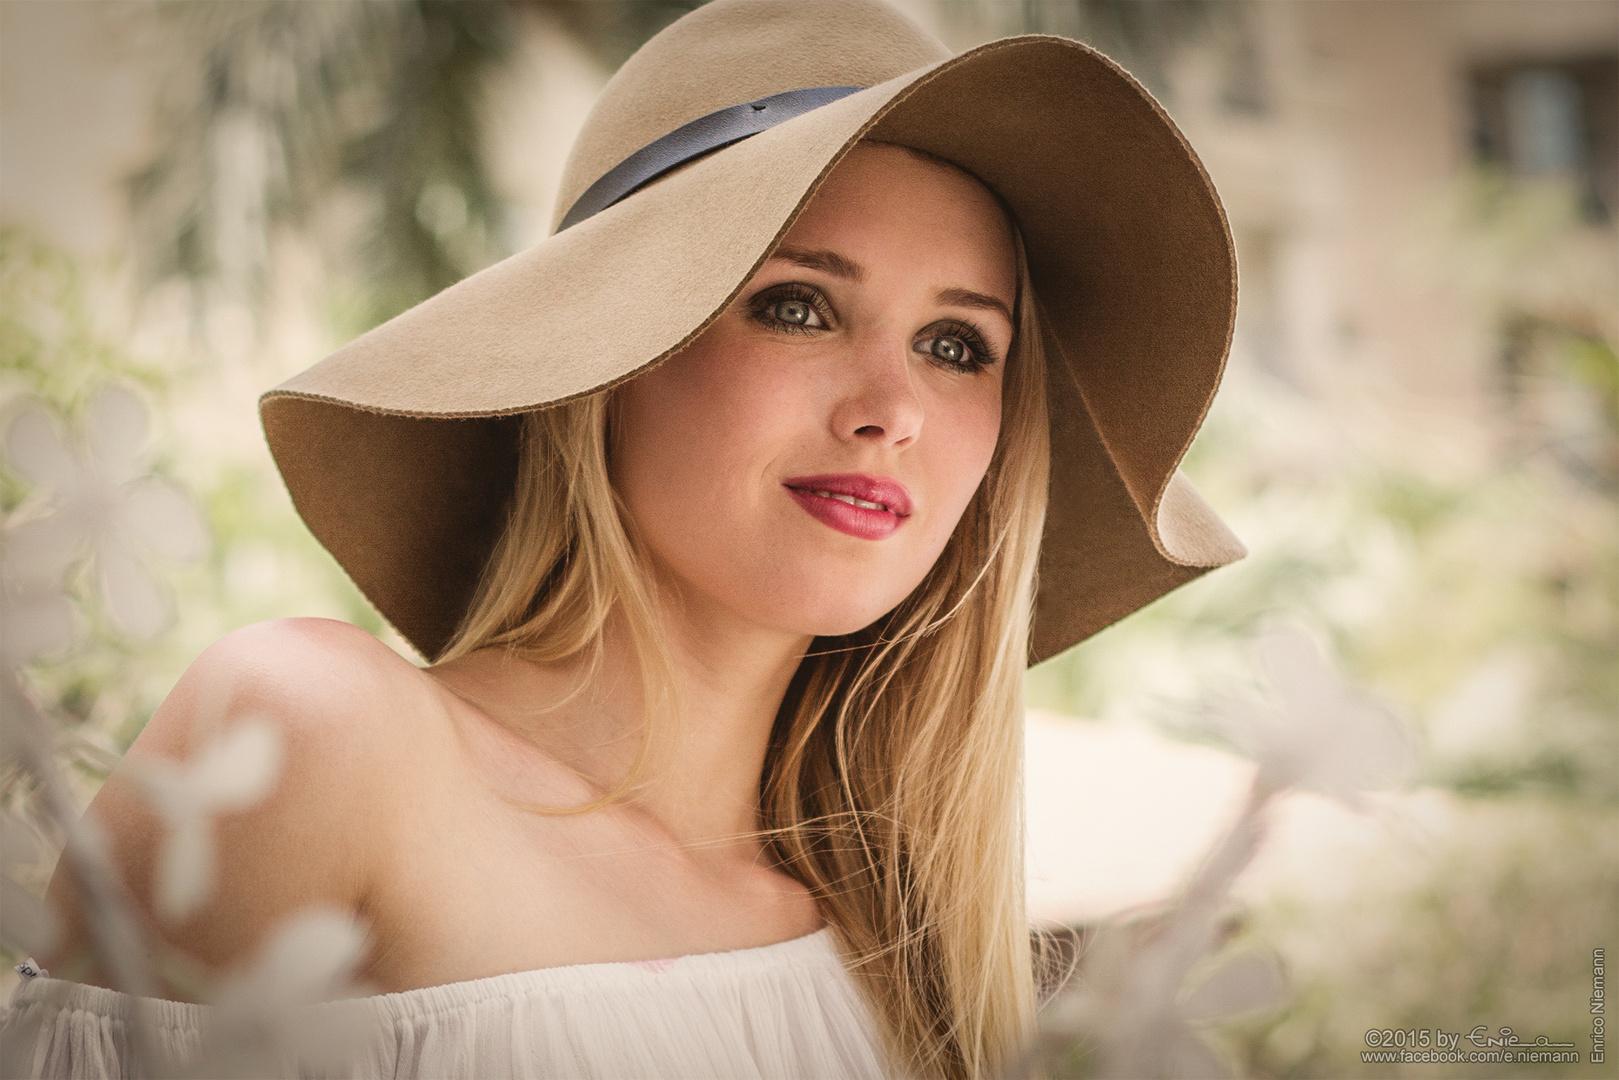 Scarlett # 4